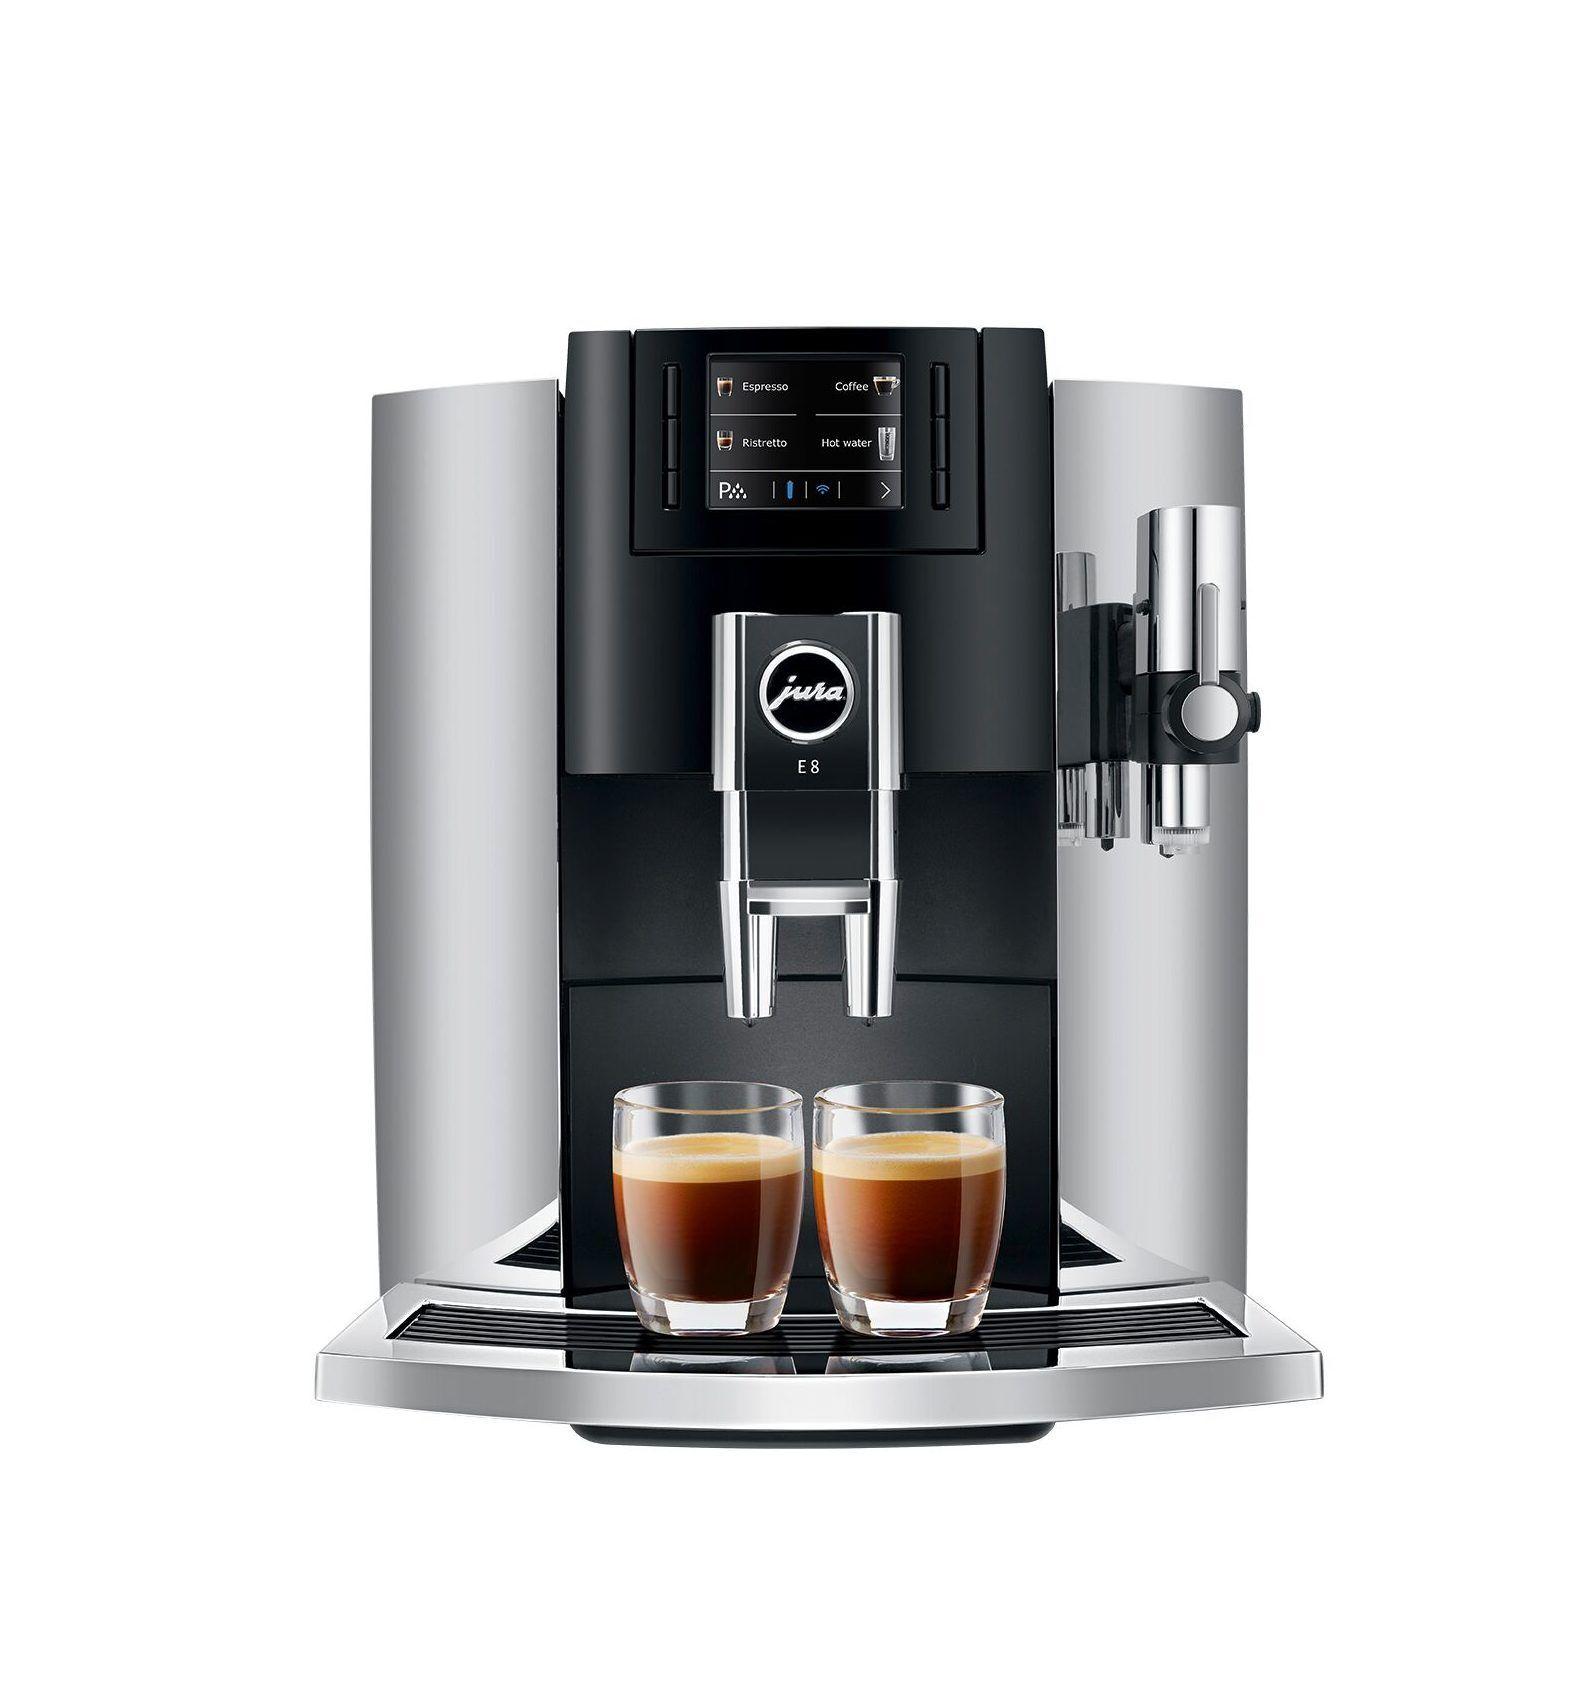 Jura E8 Super Automatic Espresso Machine